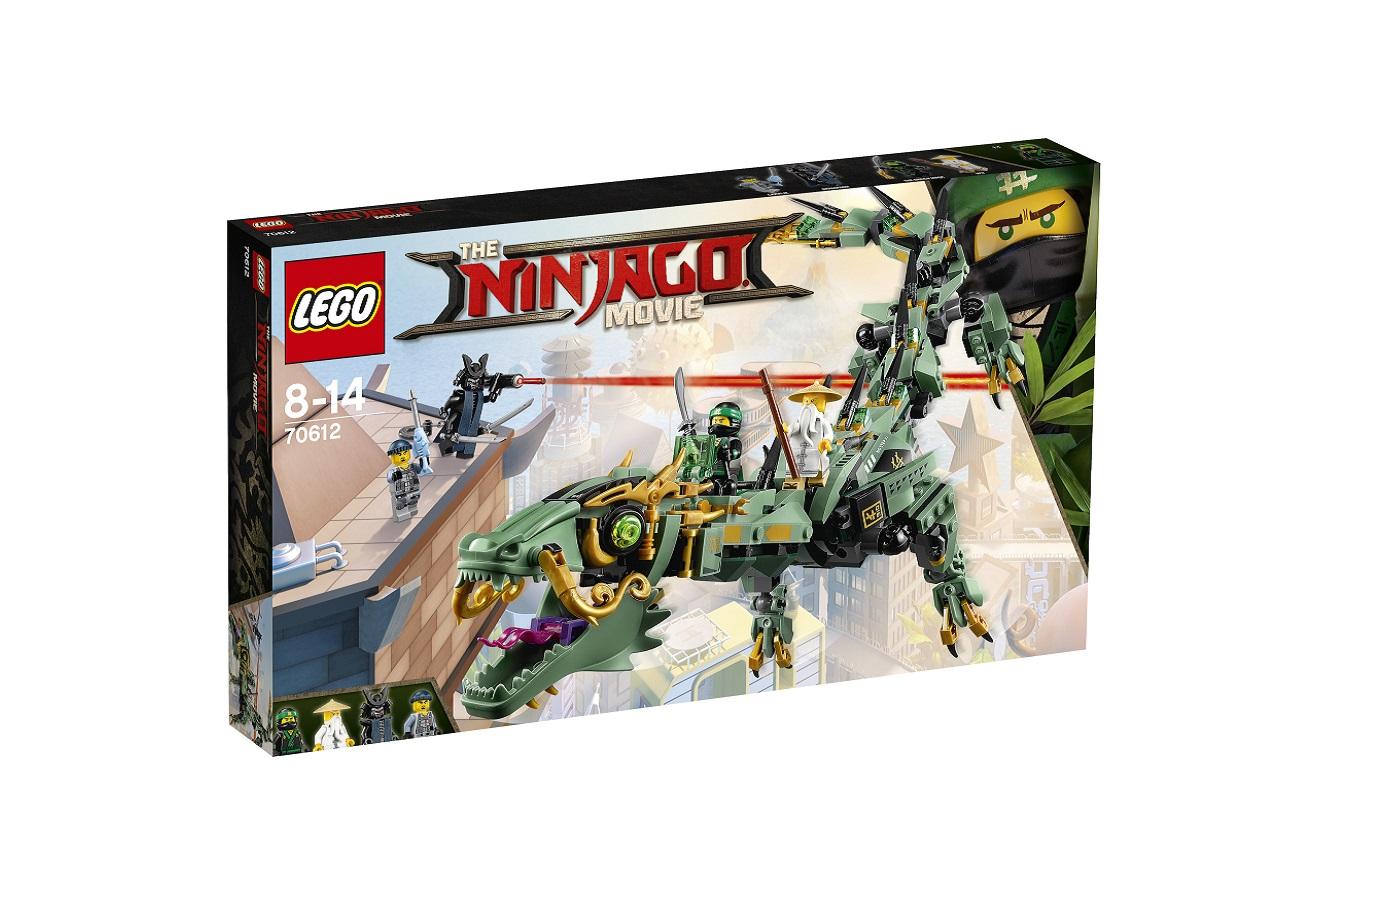 Arrivano in italia i playset lego ninjago movie